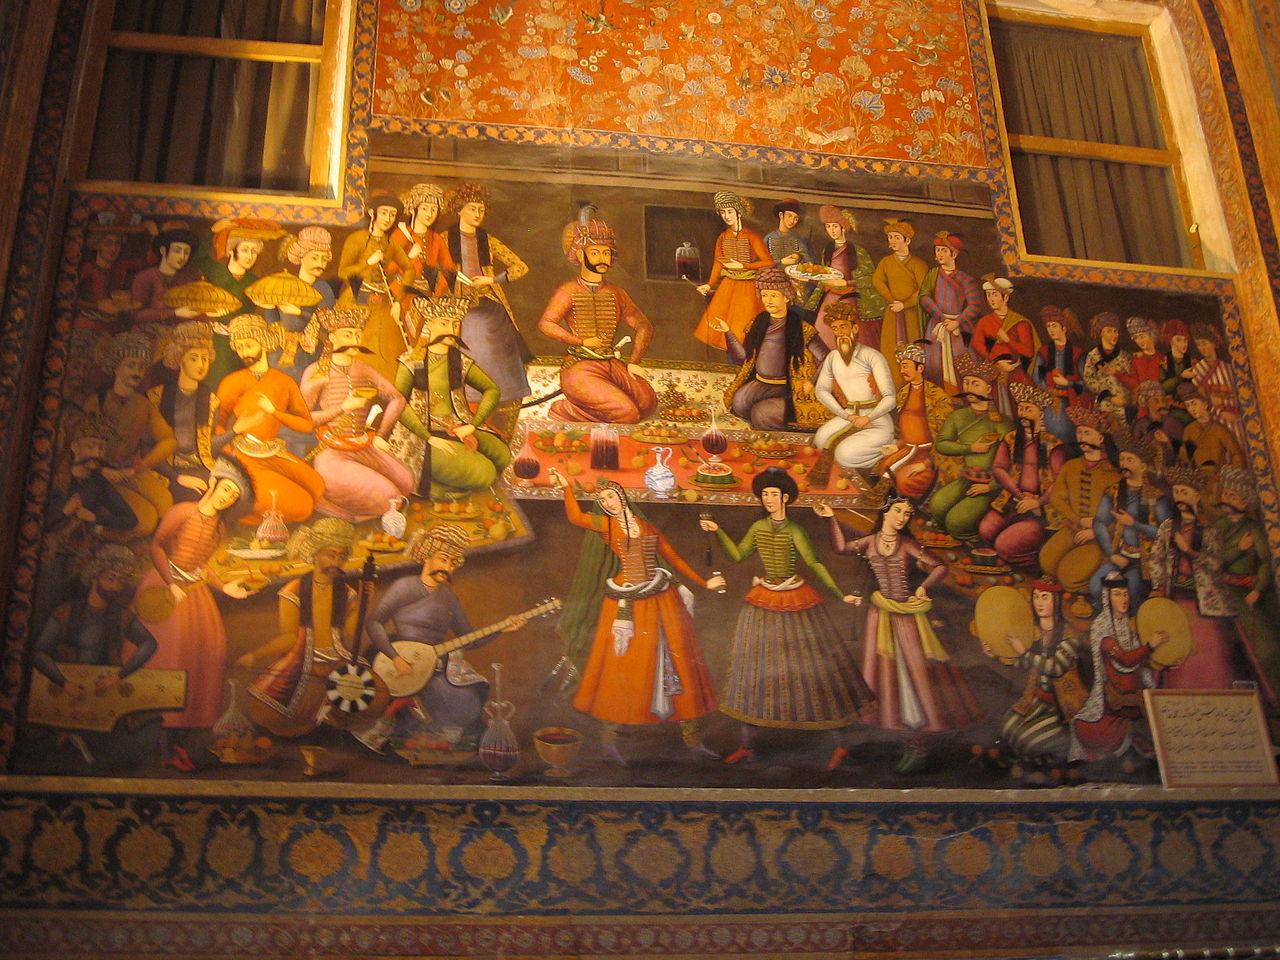 1280px-Fresque_chehel_sotoun_esfahan.jpg